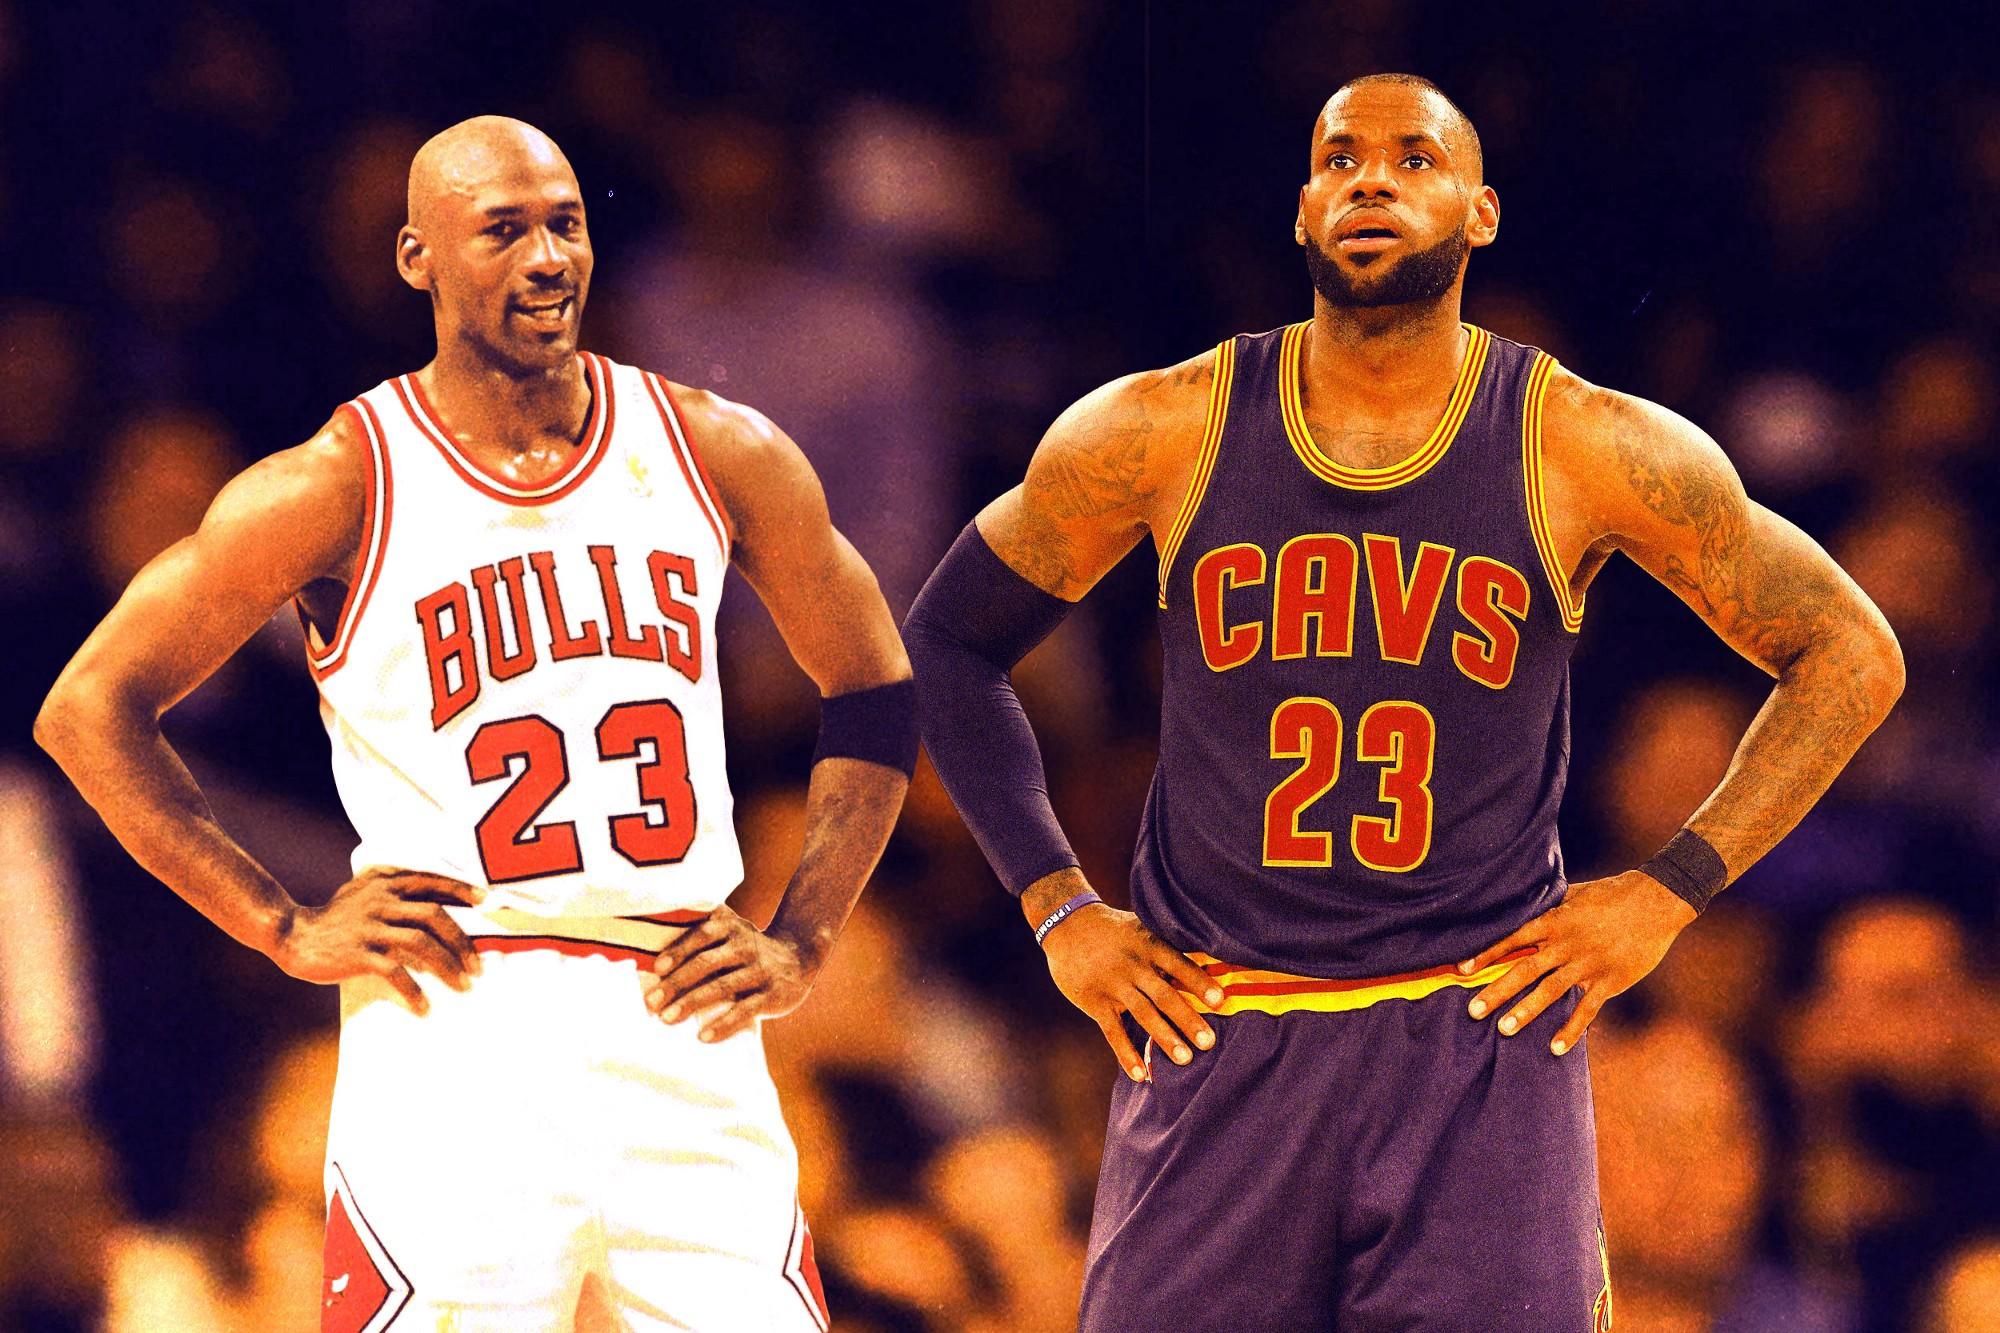 NBA众星疯狂膜拜詹皇 书豪:真不知他跟MJ谁伟大